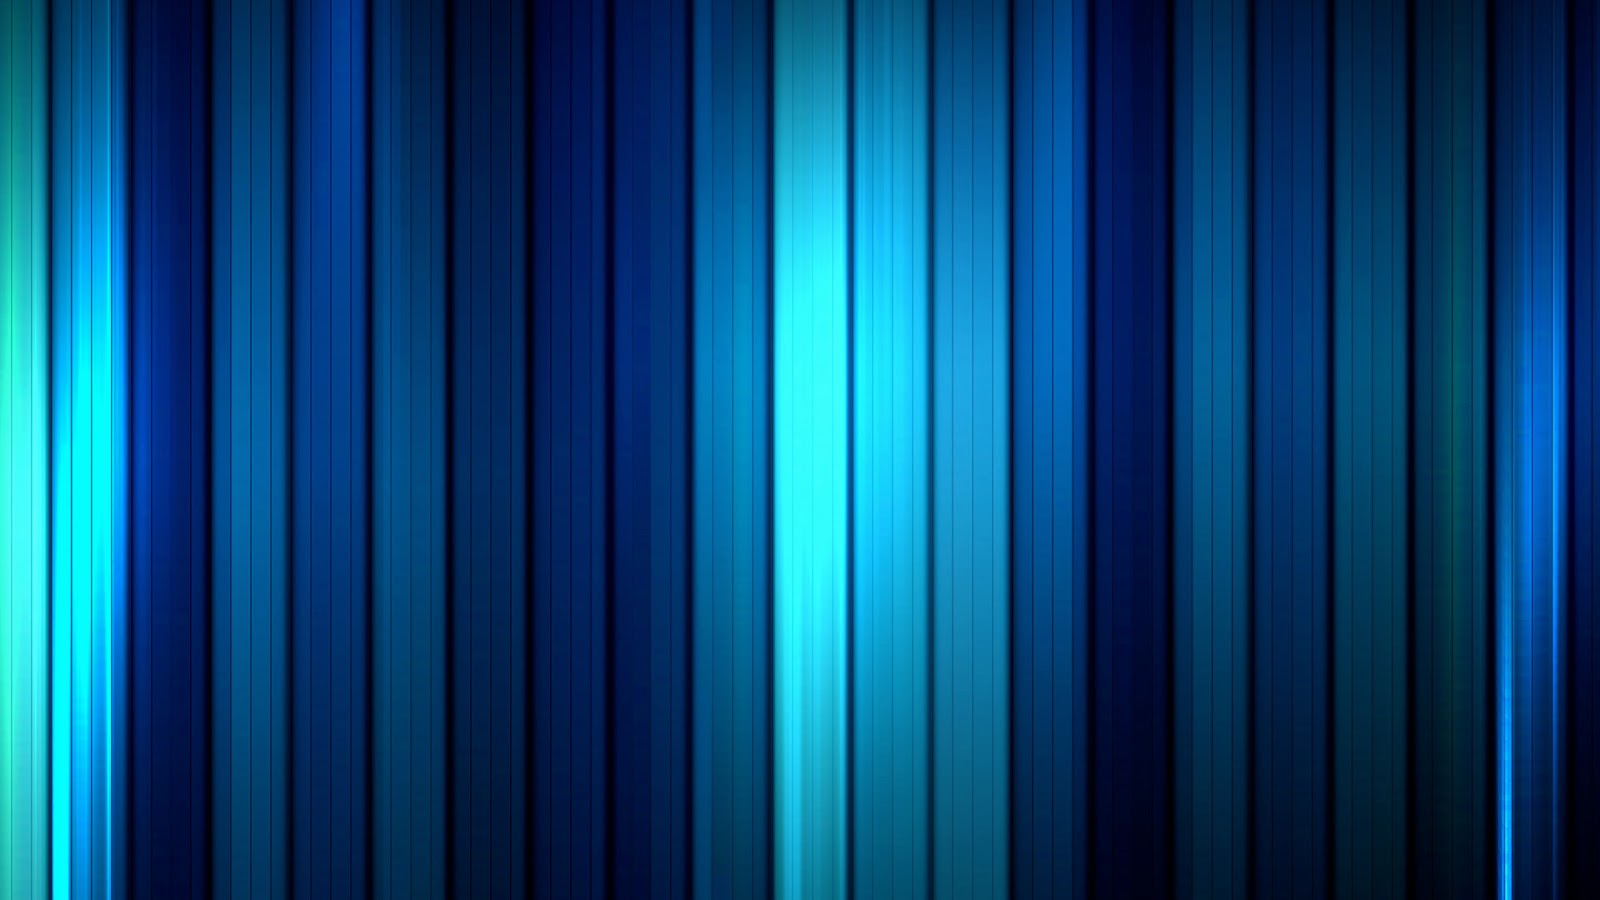 Fondo De Pantalla Abstracto Barras De Colores: Fondo De Pantalla Abstracto Barras Azules